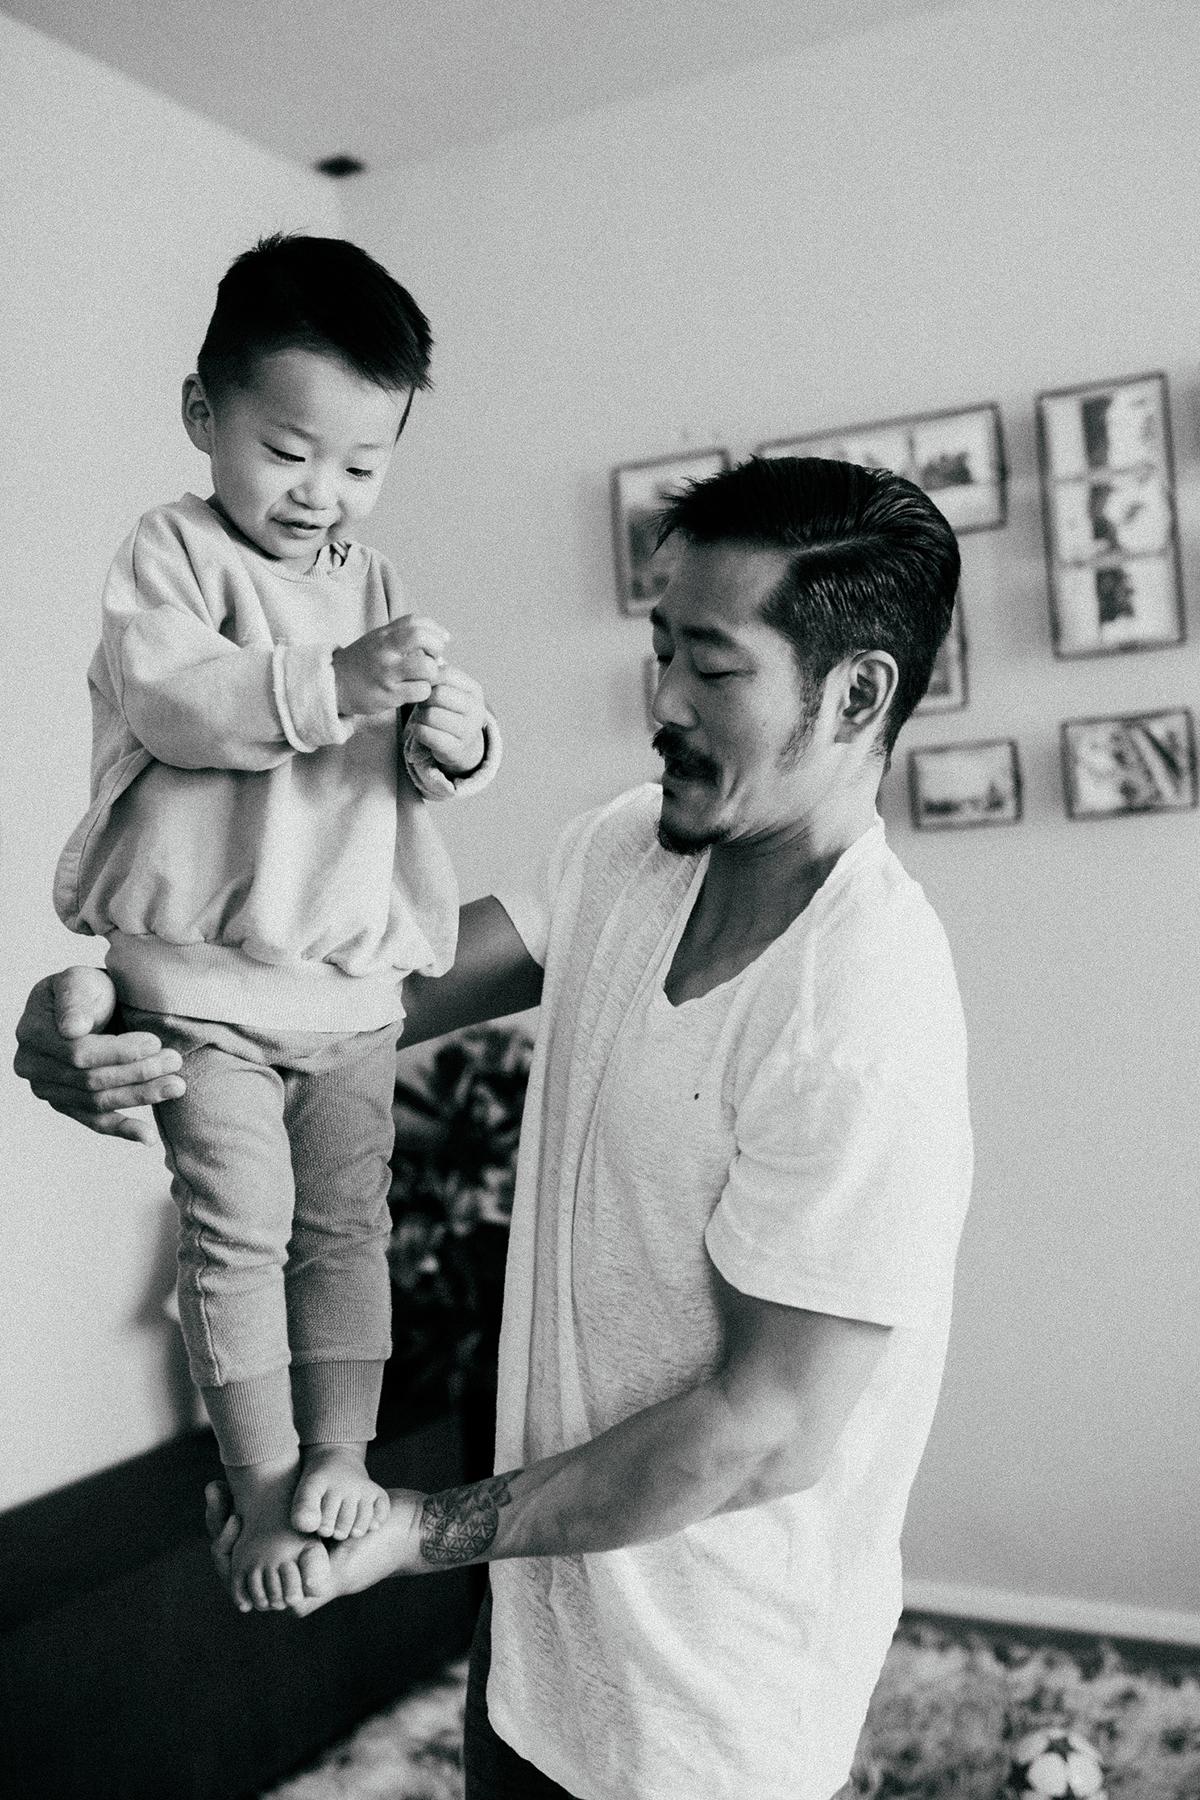 Fotografie von Vater und Sohn aus einem professionellen Shooting